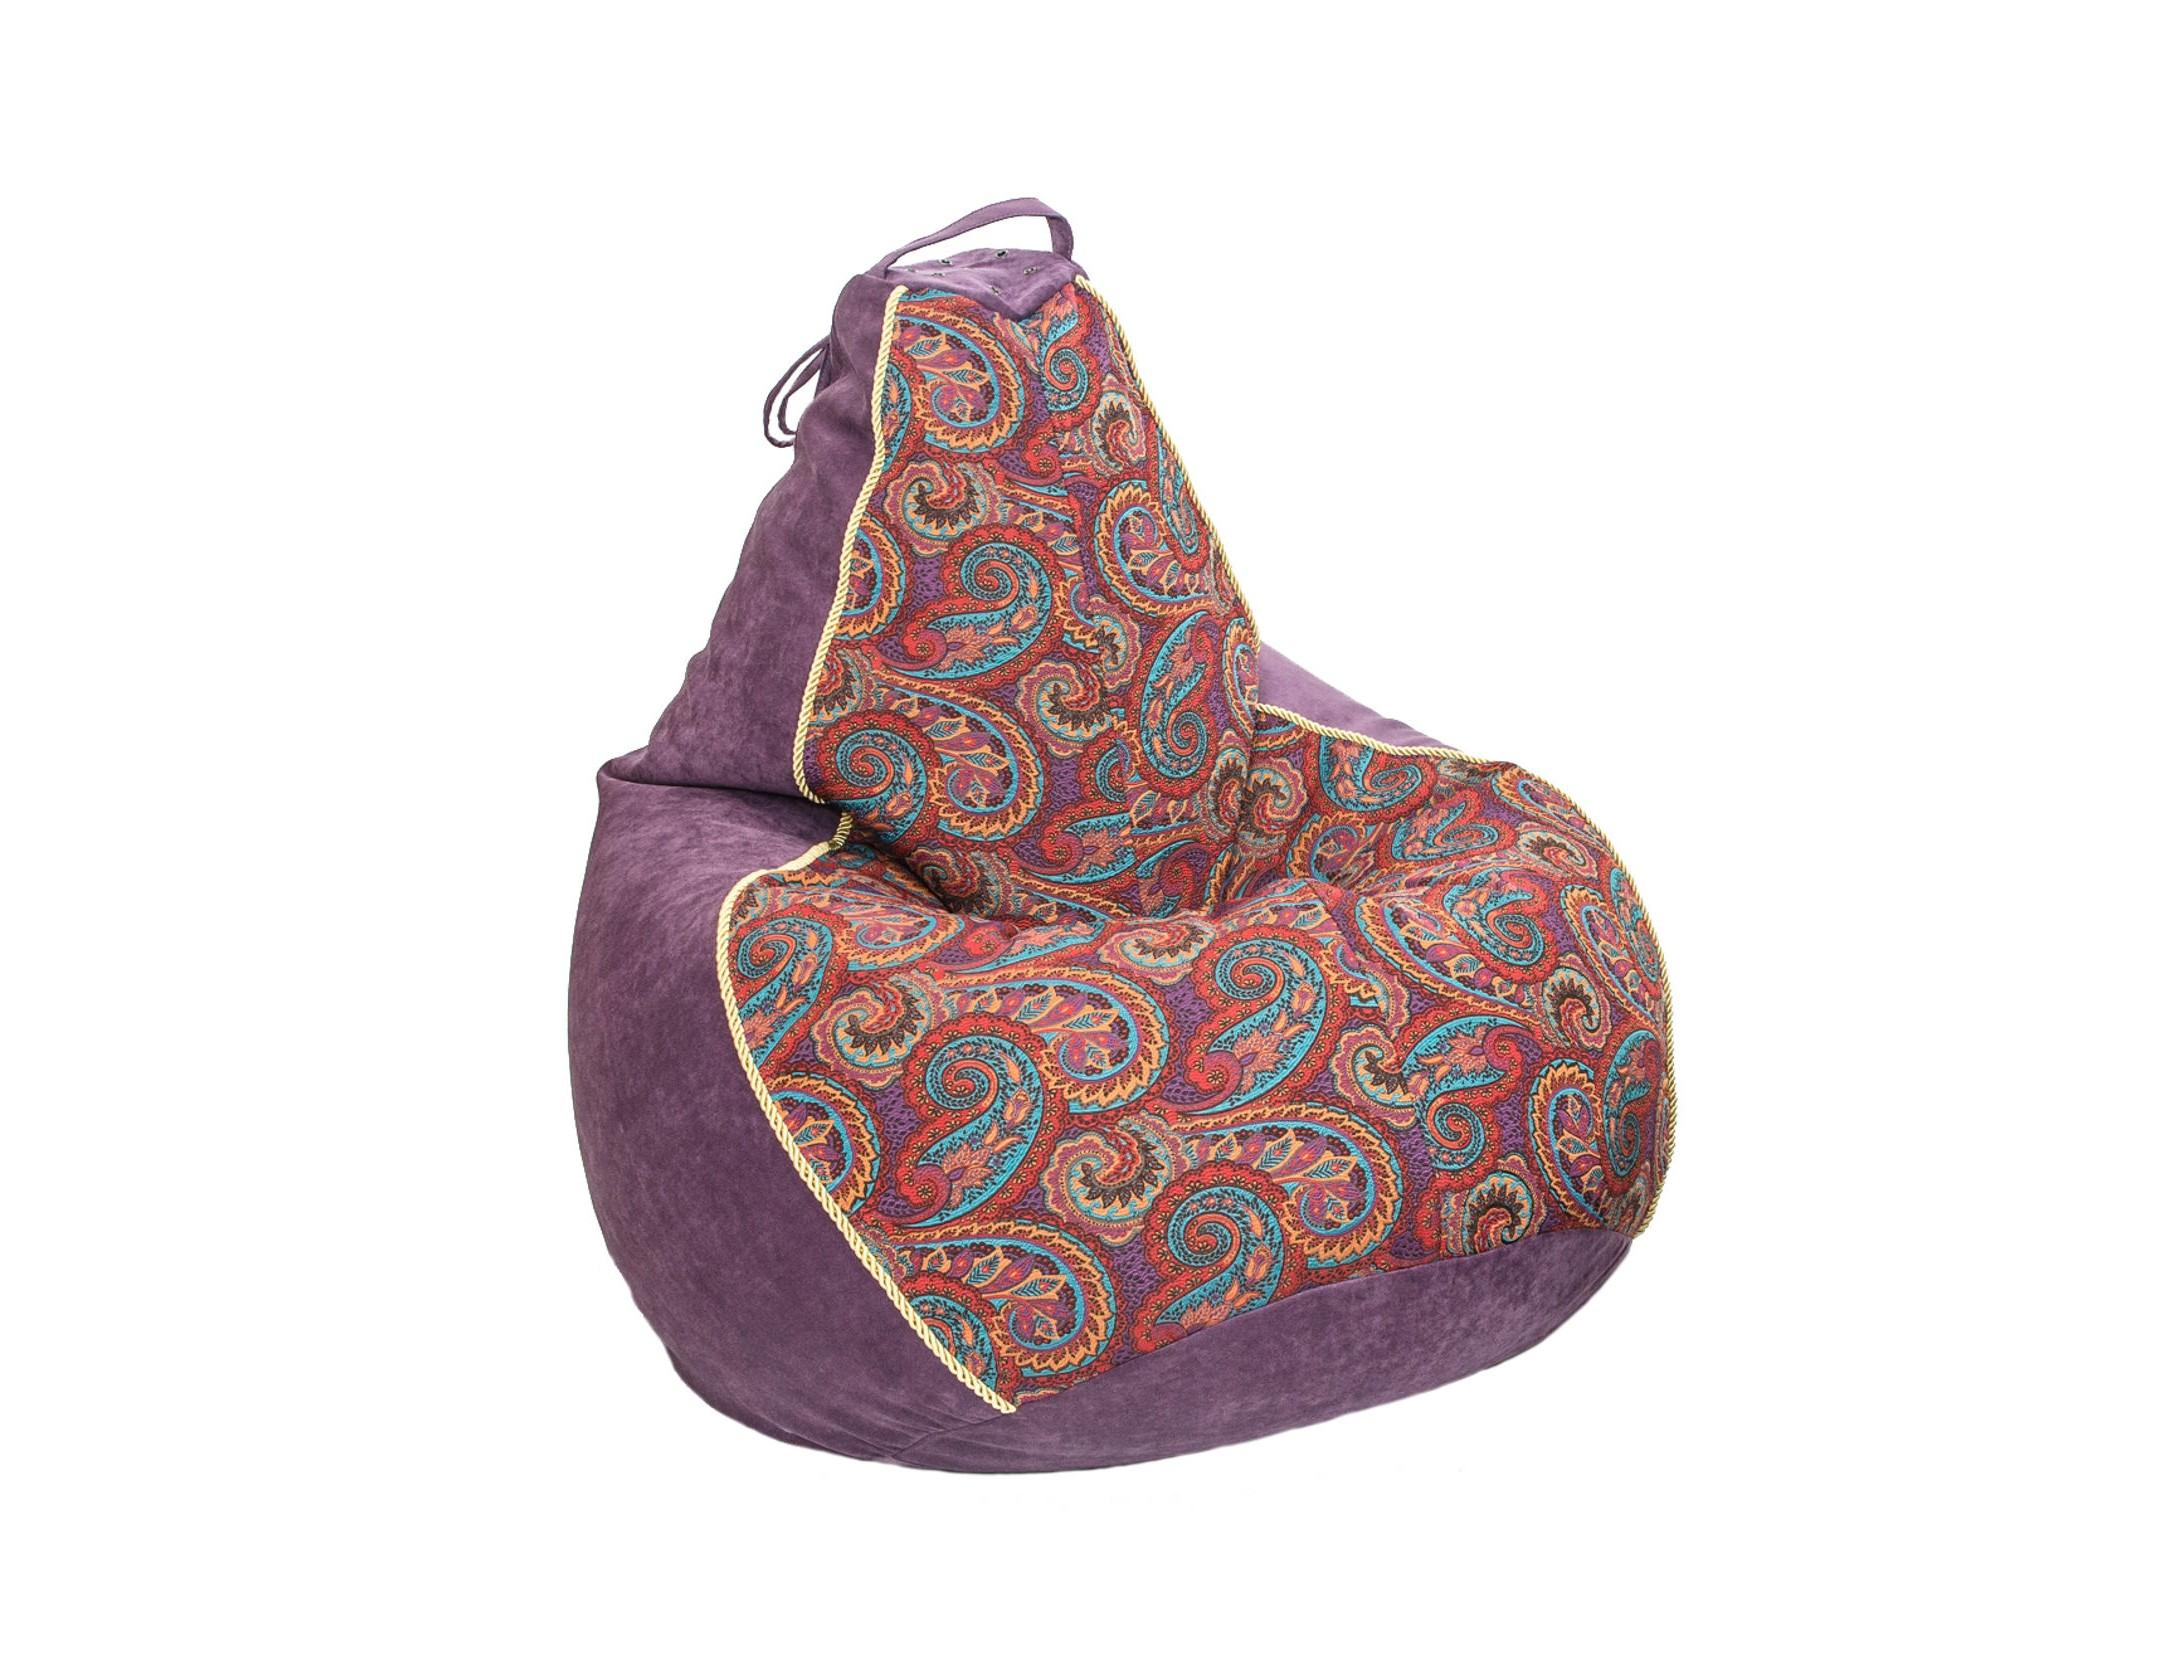 Бескаркасное креслоКресла-мешки<br>Бескаркасное кресло-мешок Boss - это кресло большого размера, которое хорошо поддерживает спину и плечи. Это делает кресло удобным для отдыха. Ткань - микровелюр с коротким ворсом и жаккард в восточном стиле. Коллекция тканей Aкварель была создана по полотнам художника Эдуарда Гау, что придает ей художественный шарм. Прочность ткани 60 000 циклов по Мартиндейлу, что подходит даже для коммерческого использования.&amp;amp;nbsp;<br><br>Material: Велюр<br>Height см: 150<br>Diameter см: 95